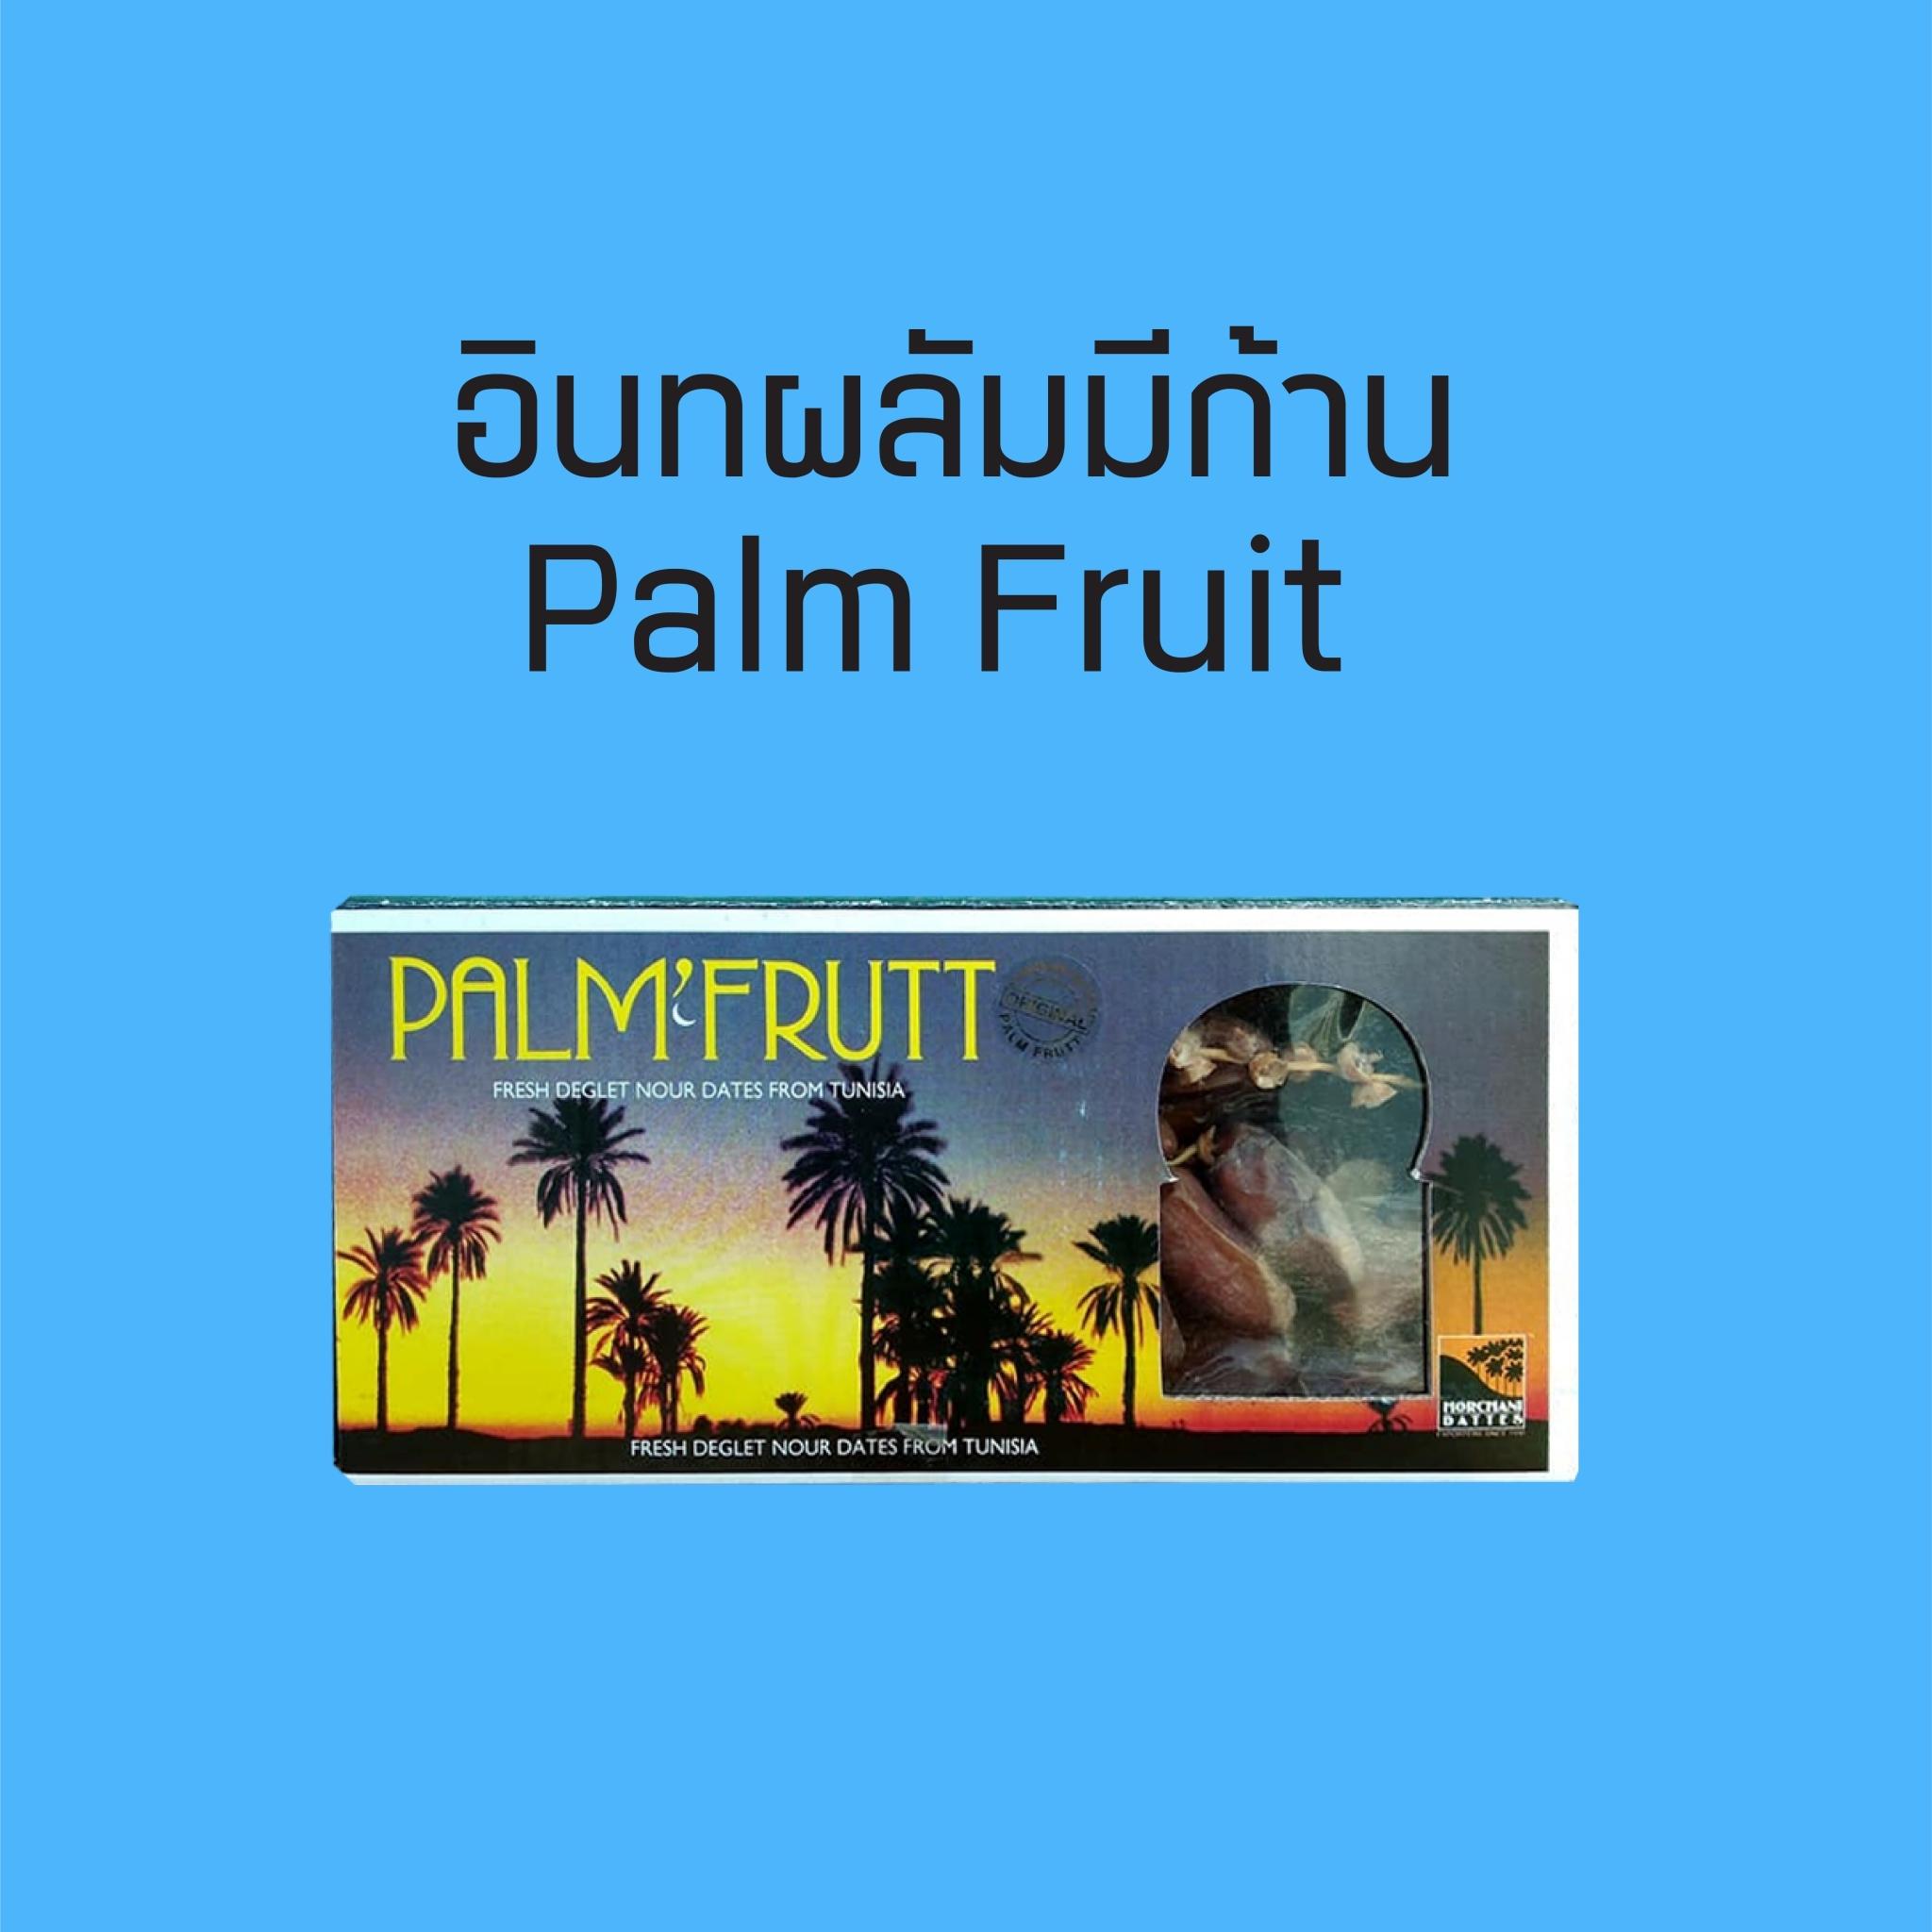 อินทผลัม แบบ ปาล์มฟรุต PALM FRUIT 400 กรัม